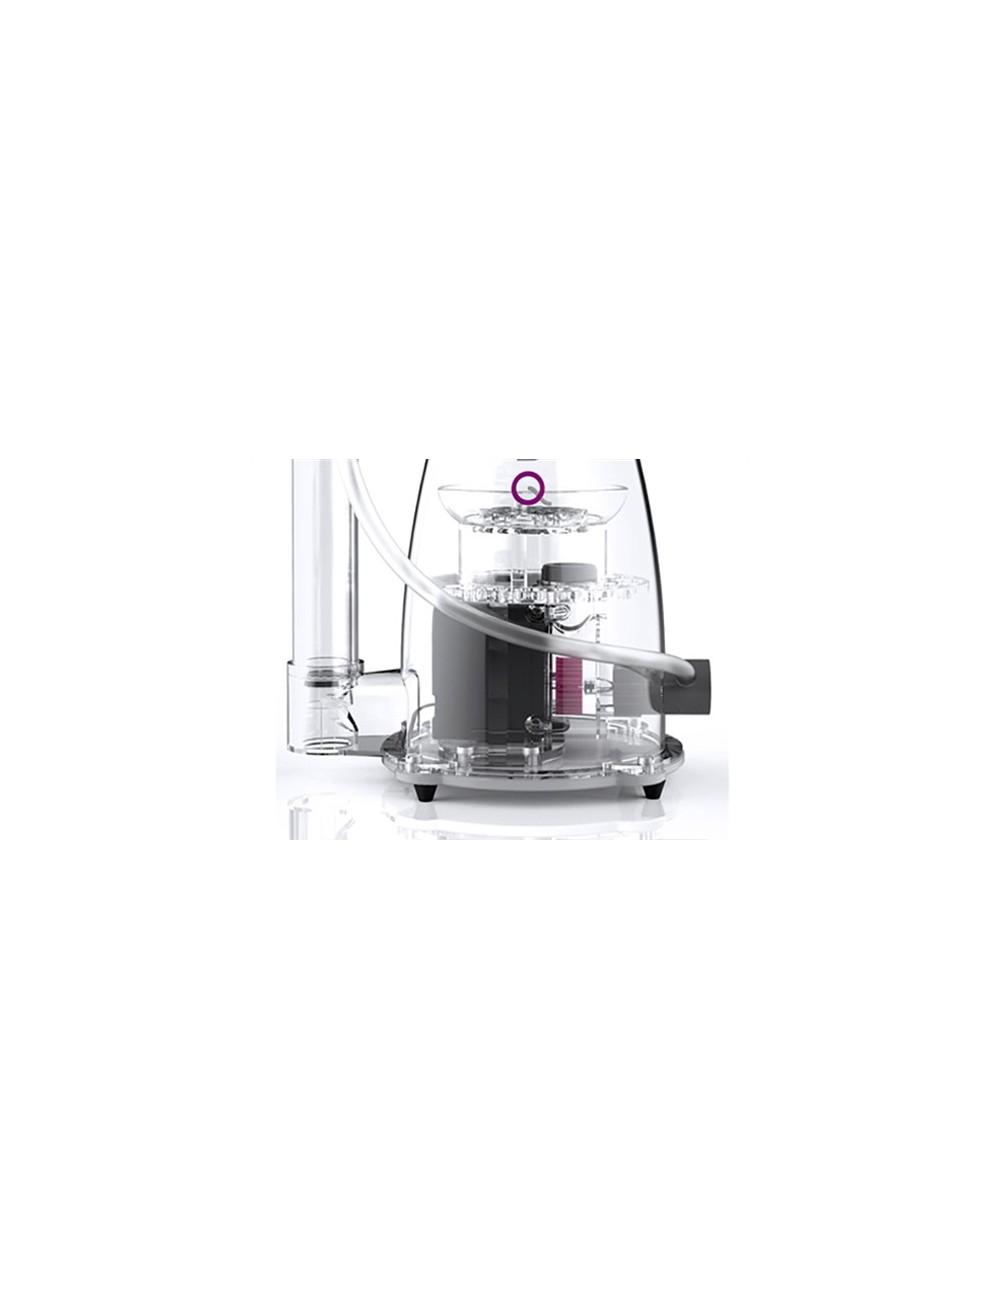 NYOS - Bloc moteur Quantum 3.0 - pour l'écumeur Nyos 160